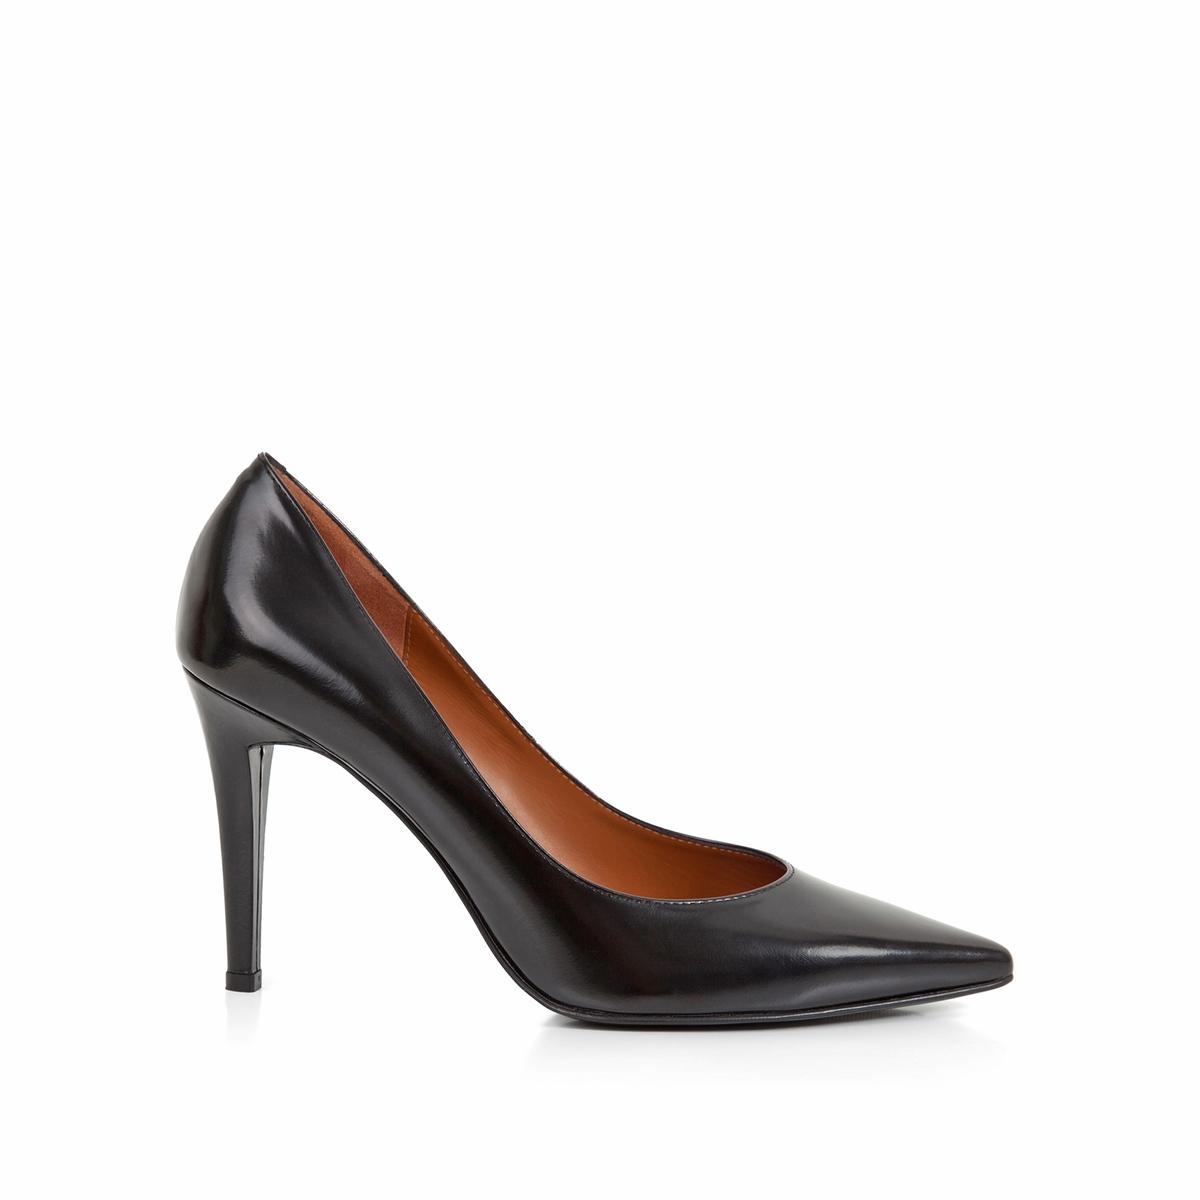 Туфли кожаные Delicia на шпилькеВерх : Кожа.   Подкладка : Кожа.   Стелька : Кожа.   Подошва : Кожа.   Высота каблука : 9 см   Форма каблука : шпилька   Мысок : заостренный мысок     Застежка : без застежки<br><br>Цвет: черный<br>Размер: 39